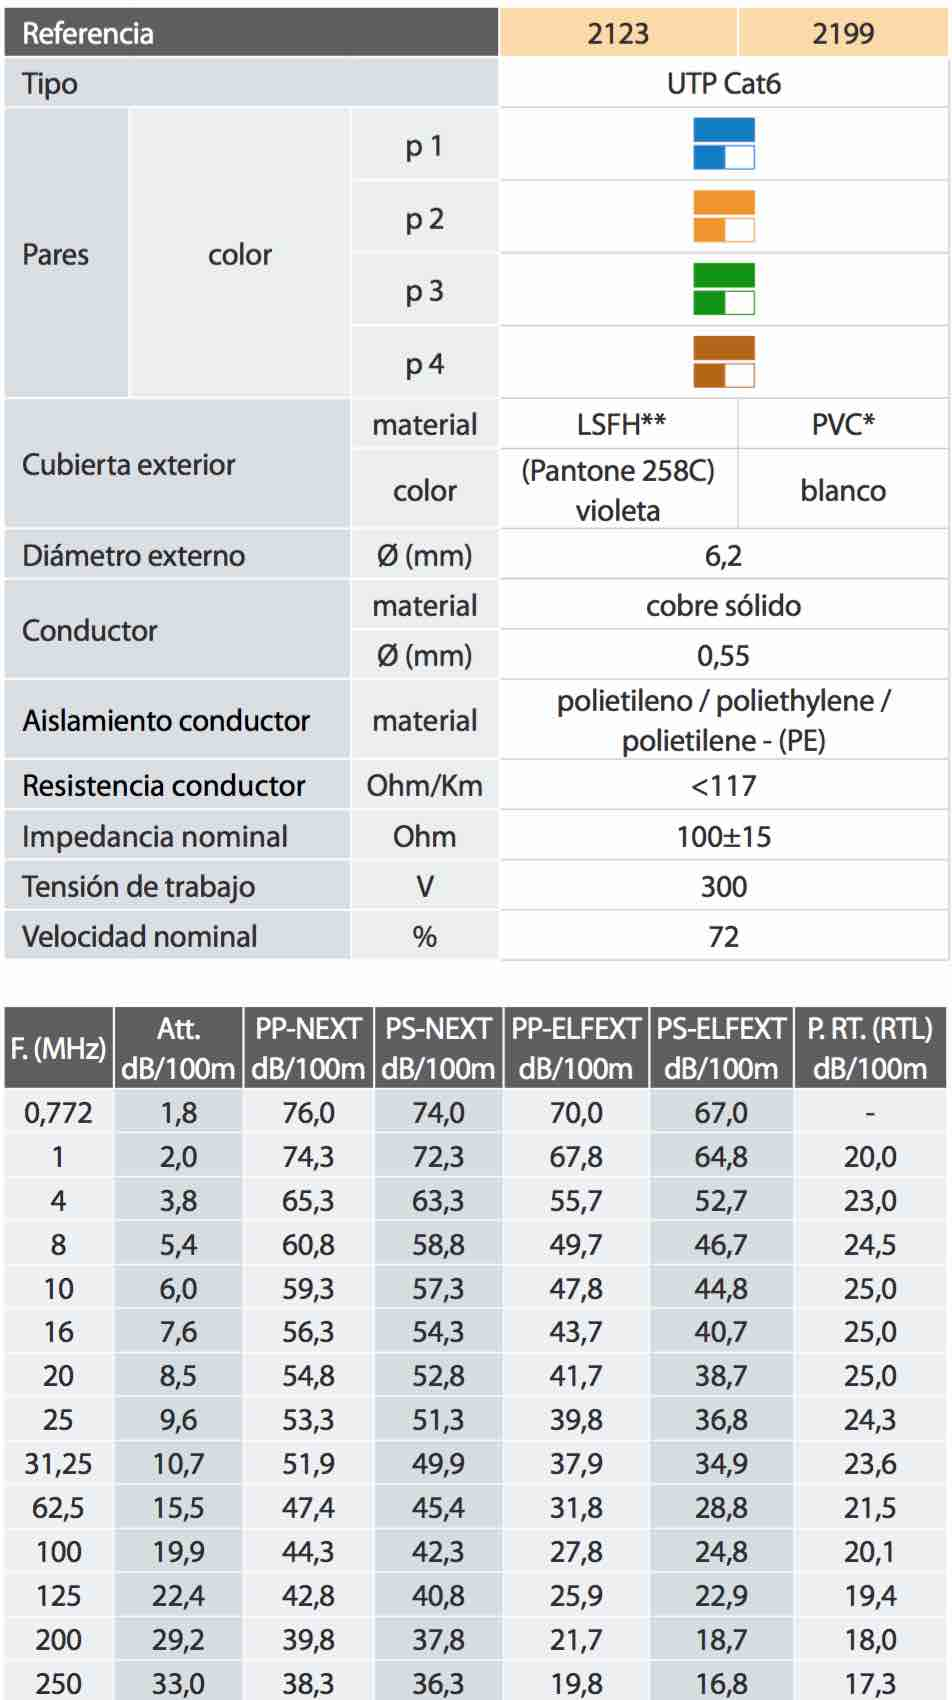 Características de un cable de pares cat 6 - EL CAJÓN DEL ELECTRÓNICO